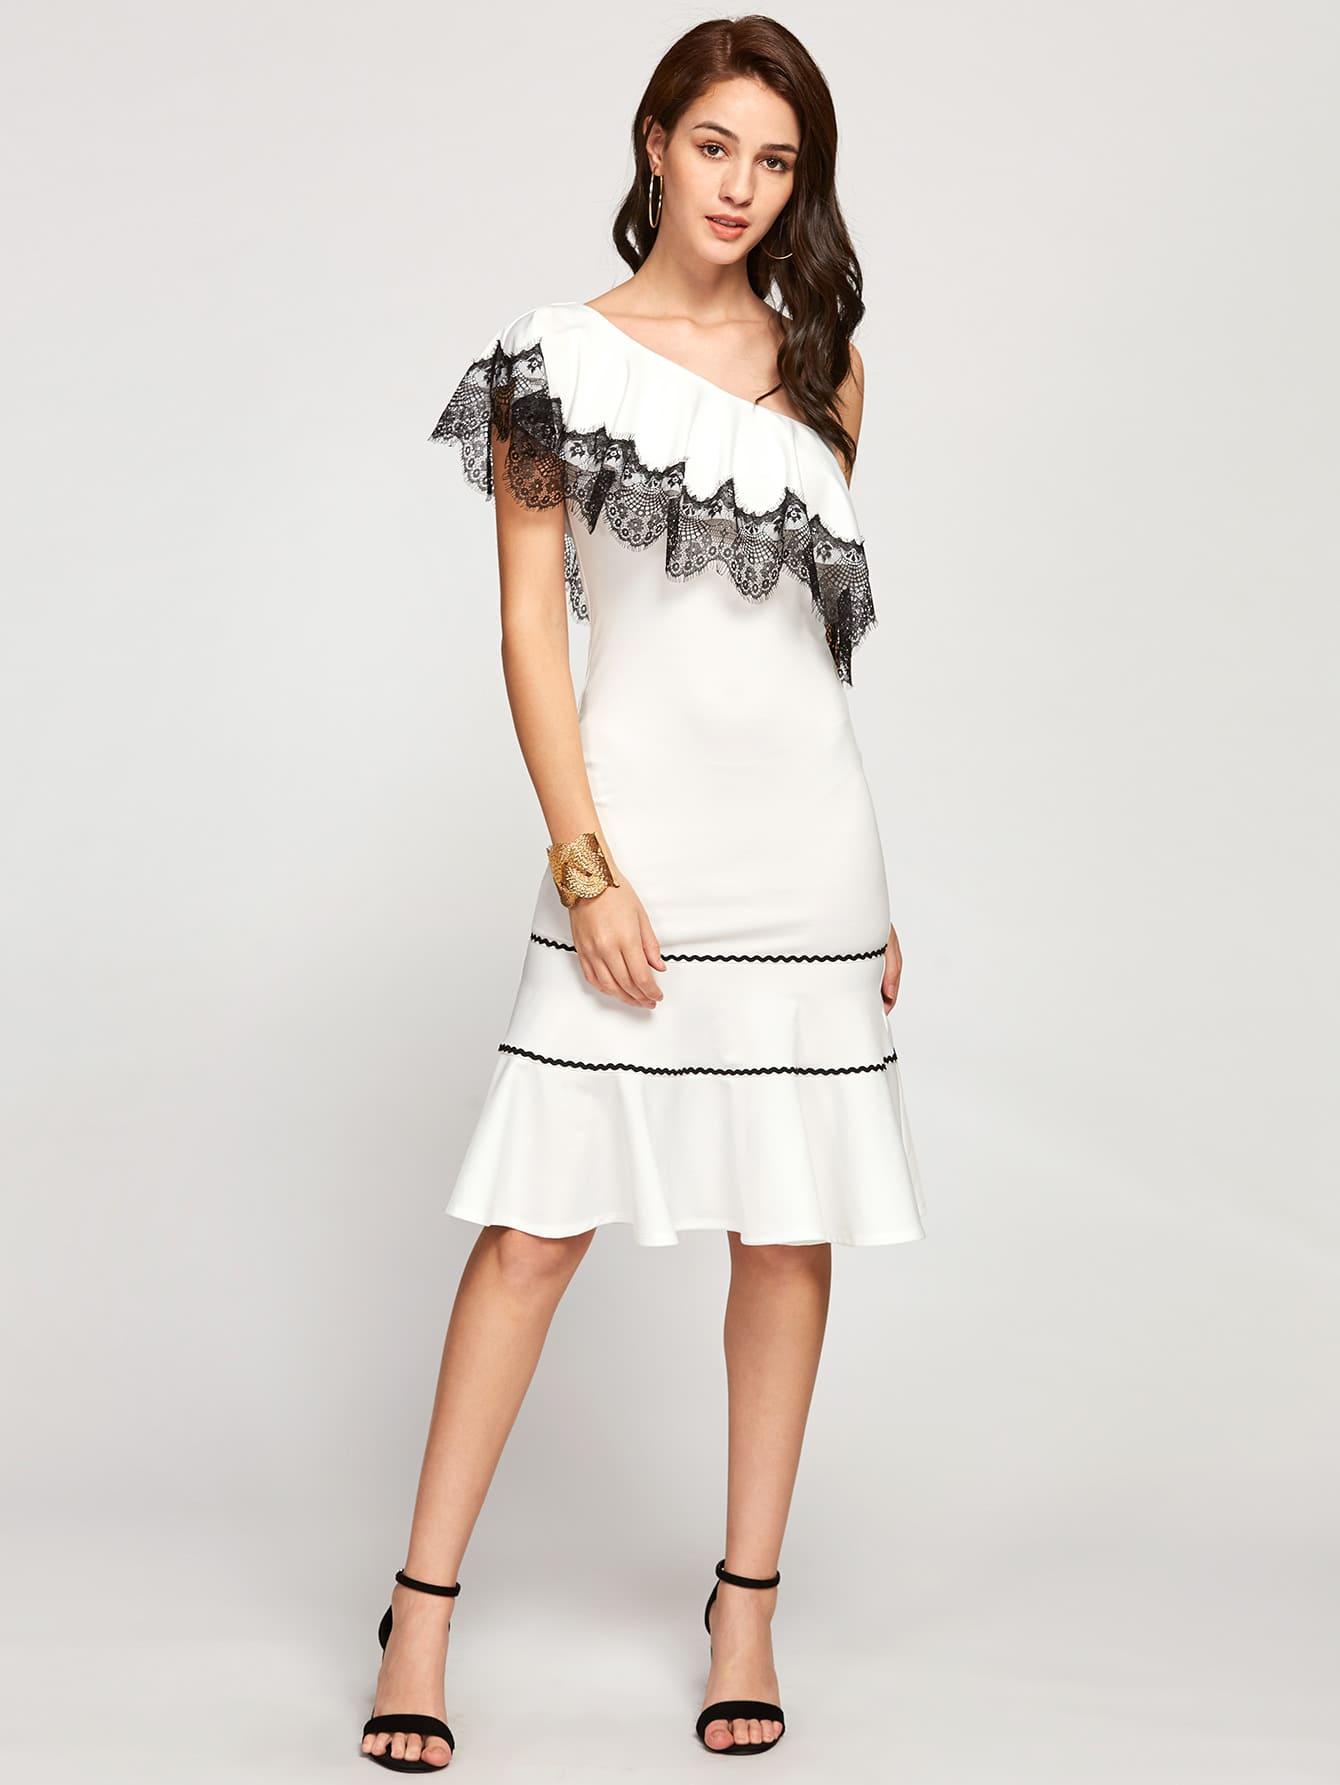 Contrast Lace Trim Flounce One Shoulder Dress maison jules new junior s small s pink combo lace crepe contrast trim dress $89